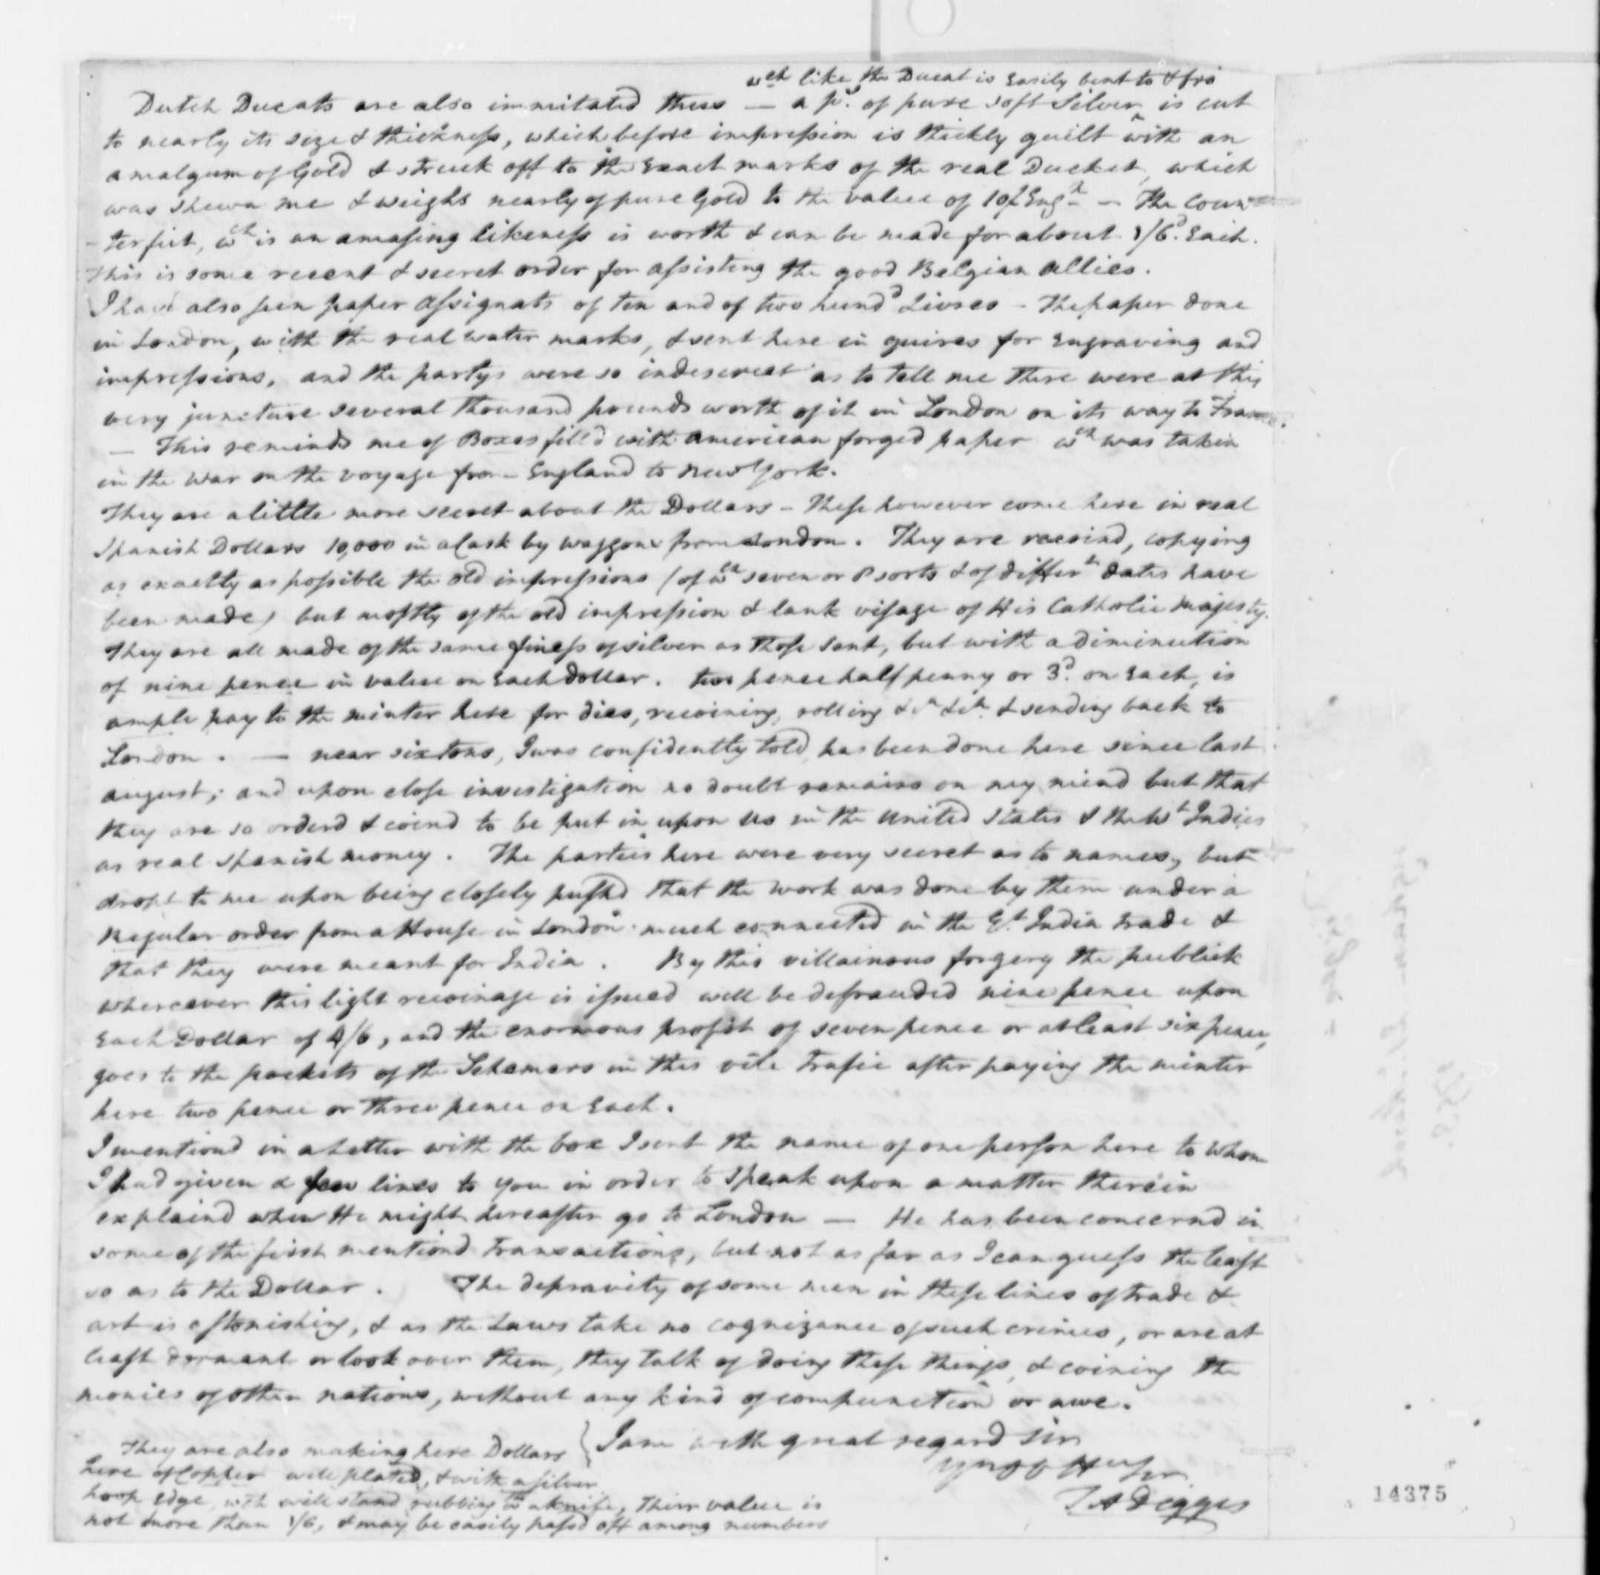 Thomas A. Digges to Thomas Pinckney, March 21, 1793